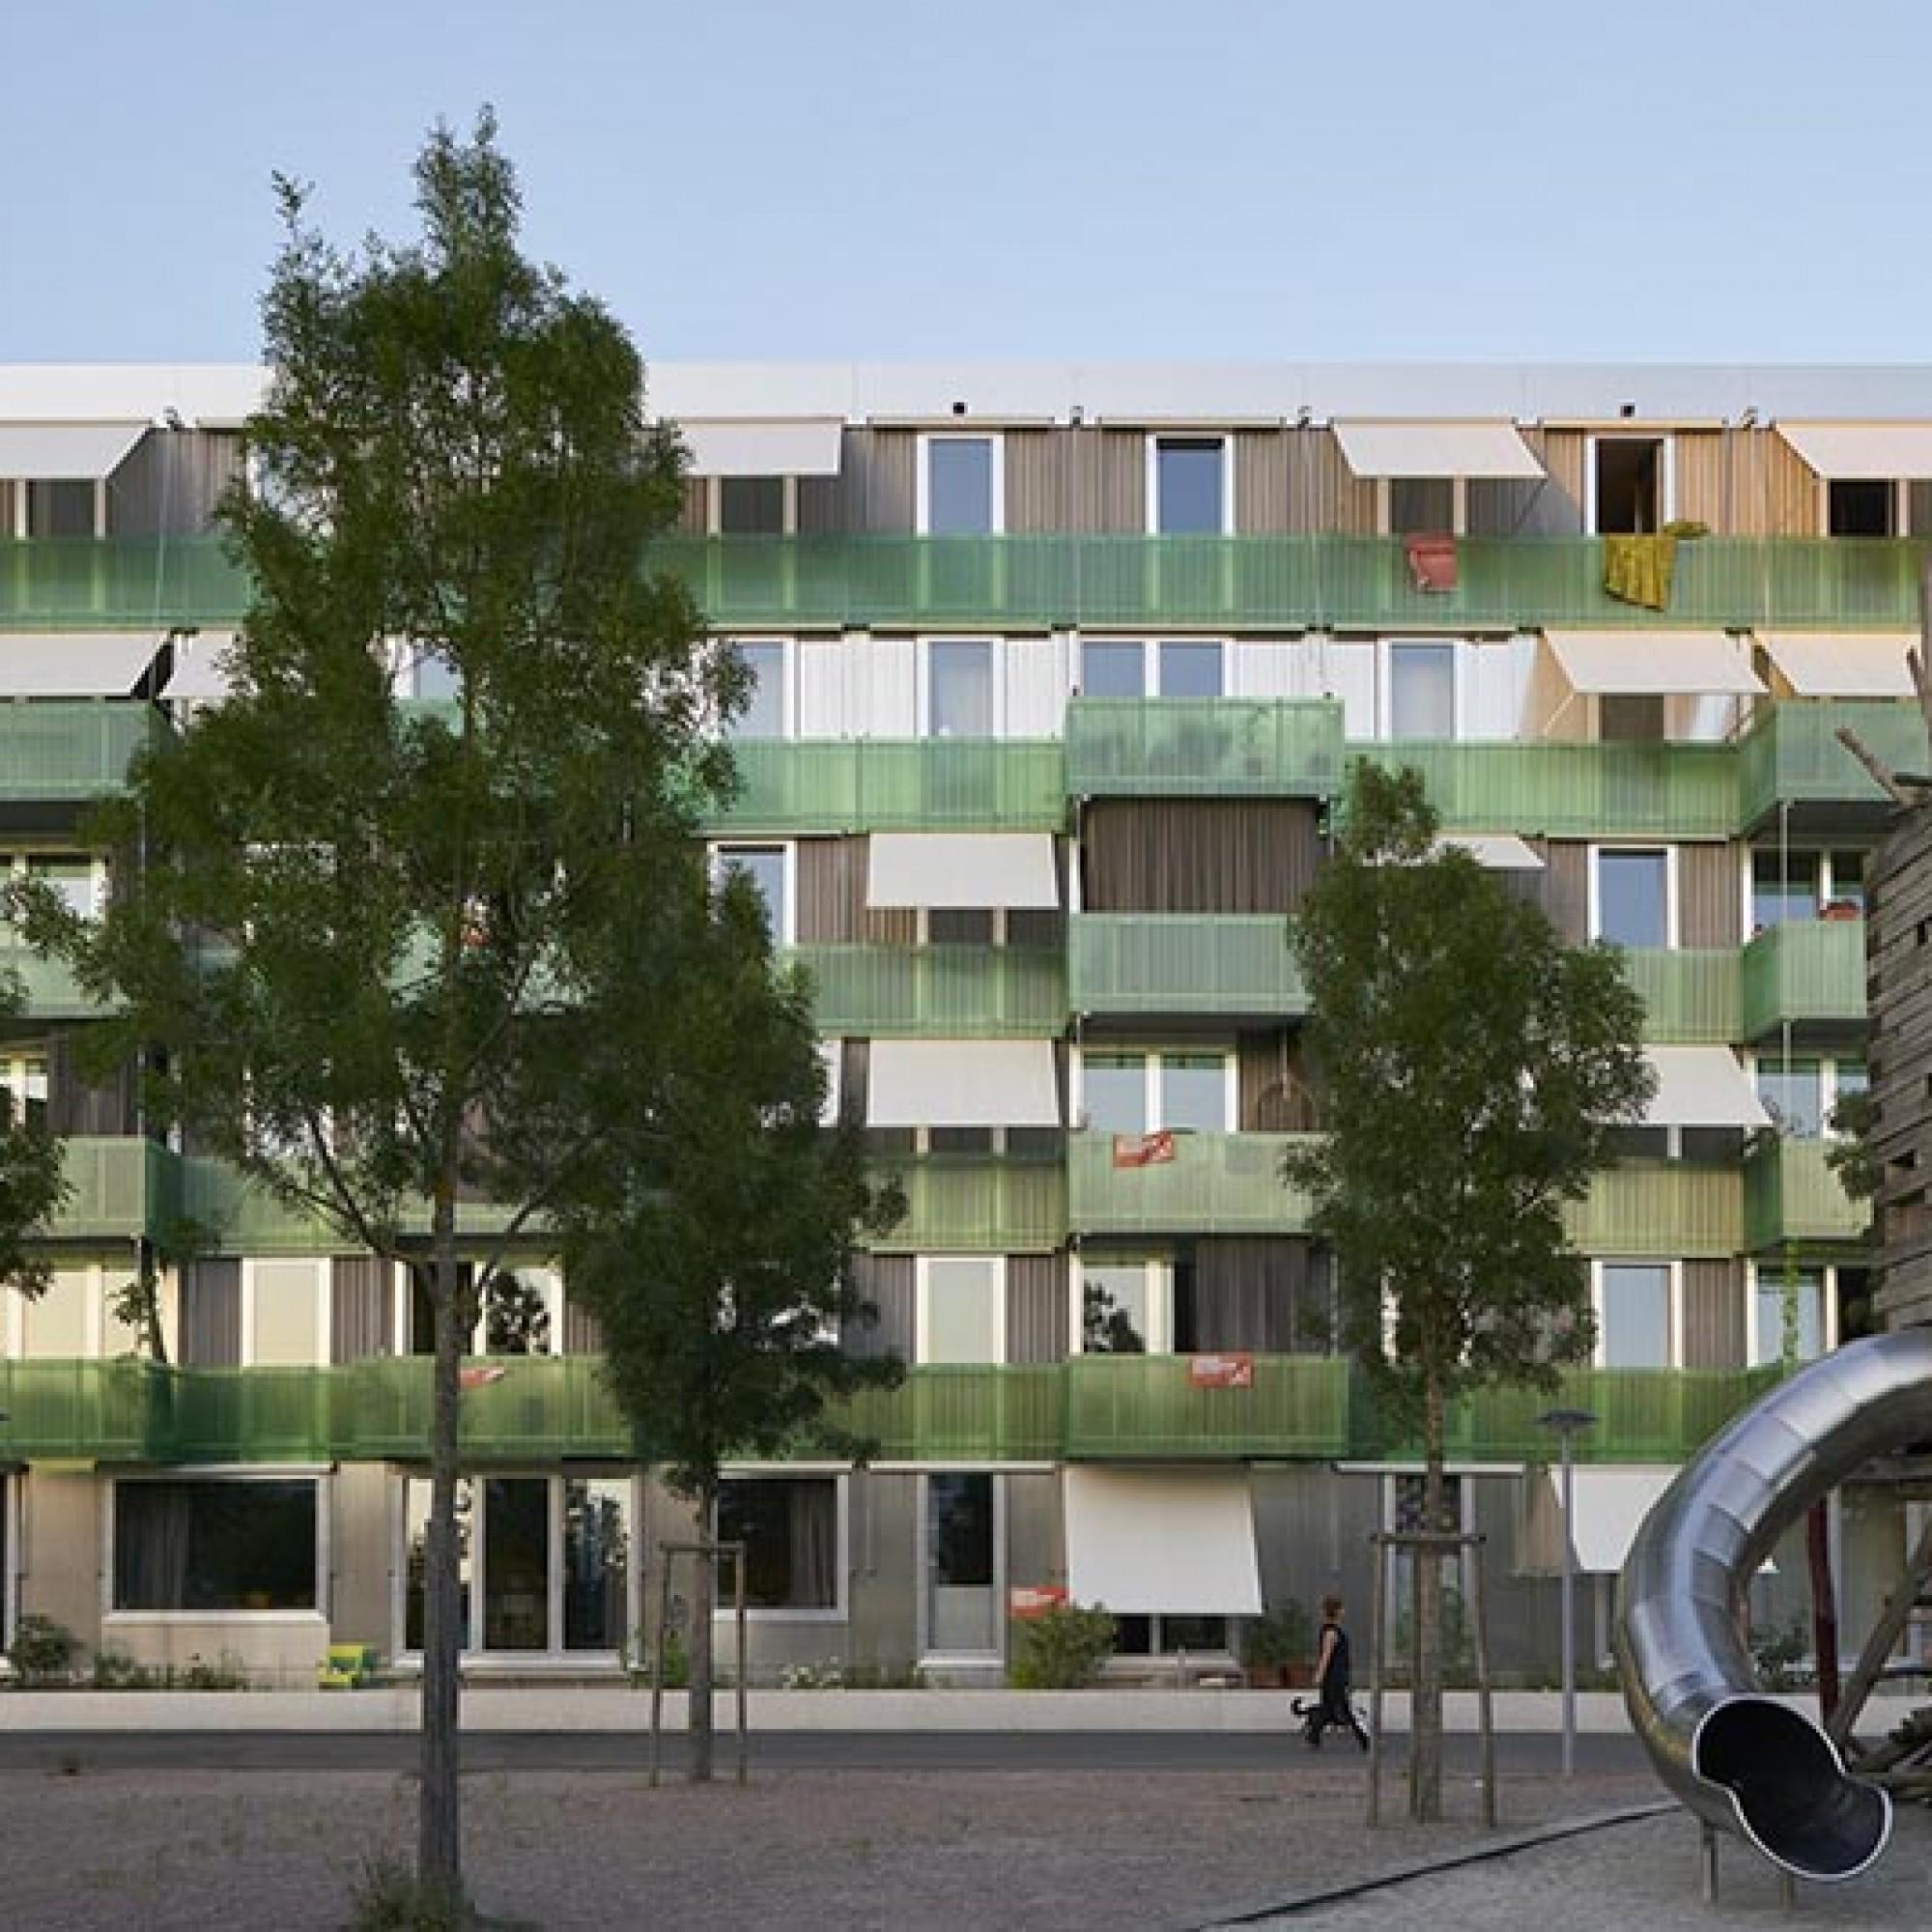 Le projet «Immeuble de coopérative Stadterle» du bureau d'architectes Buchner Bründler Architekten BSA SIA à Bâle est le grand vainqueur des Arc Awards 2018. (Image 1 sur 4) Basile Bornand